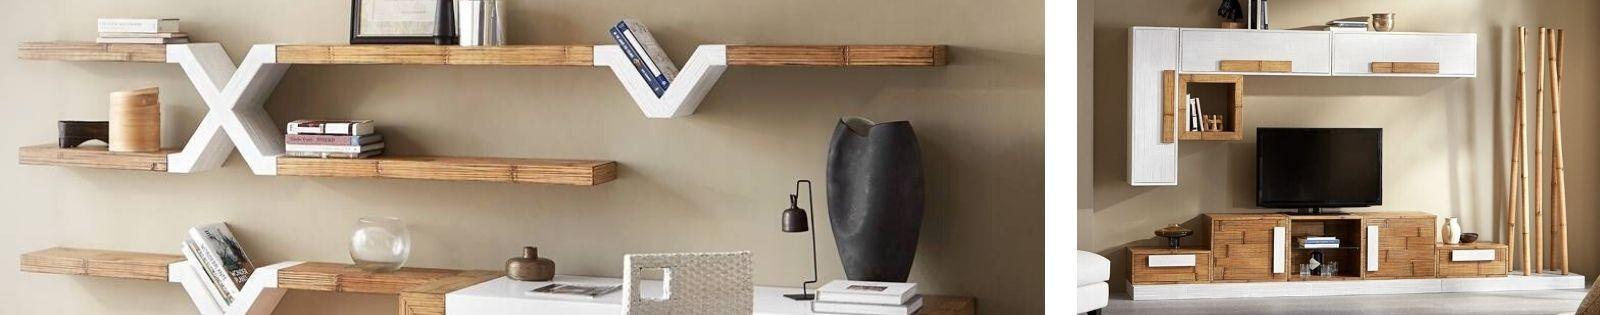 Modules en bambou. Décoration haut de gamme de fabrication artisanale.